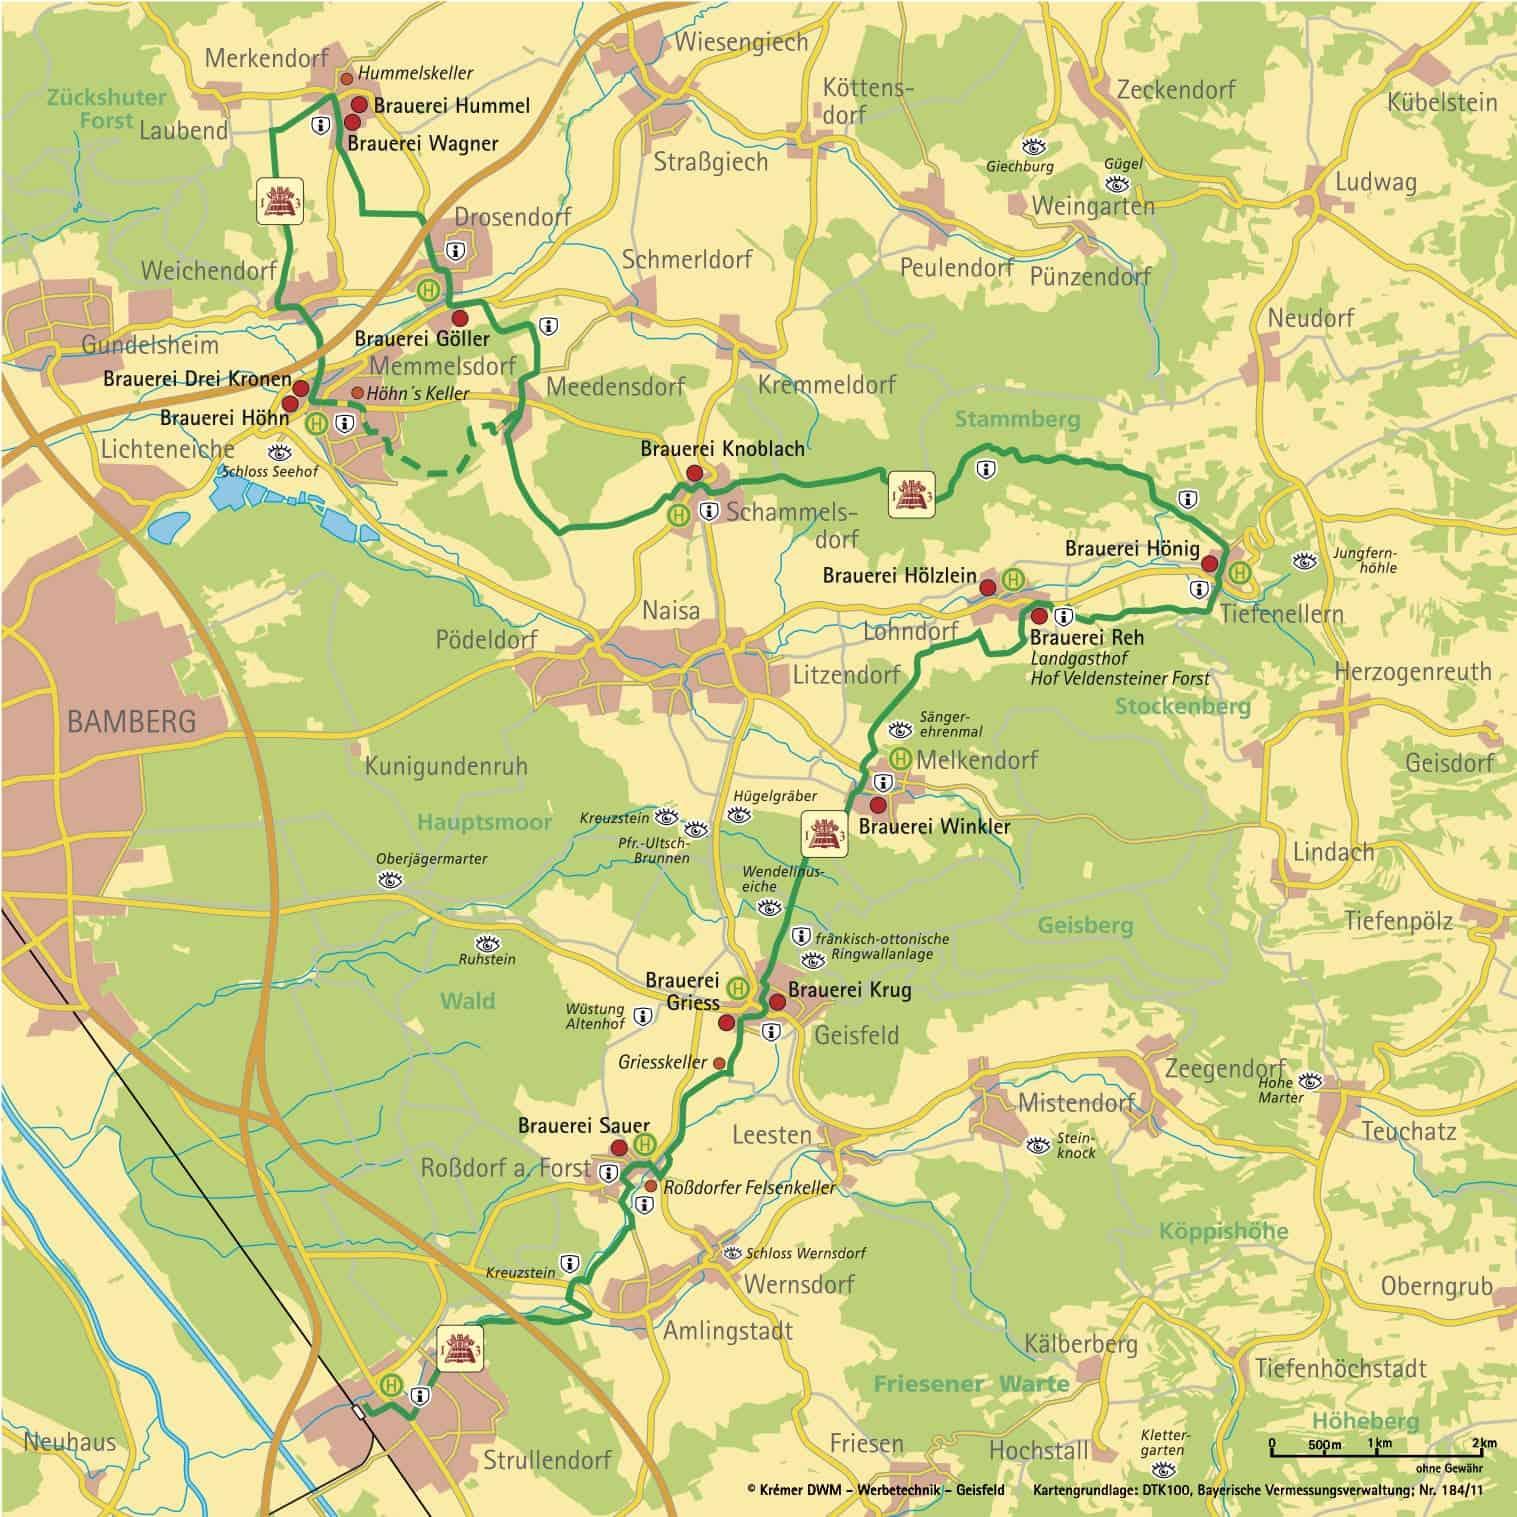 13 Brewery Trail, Franconia